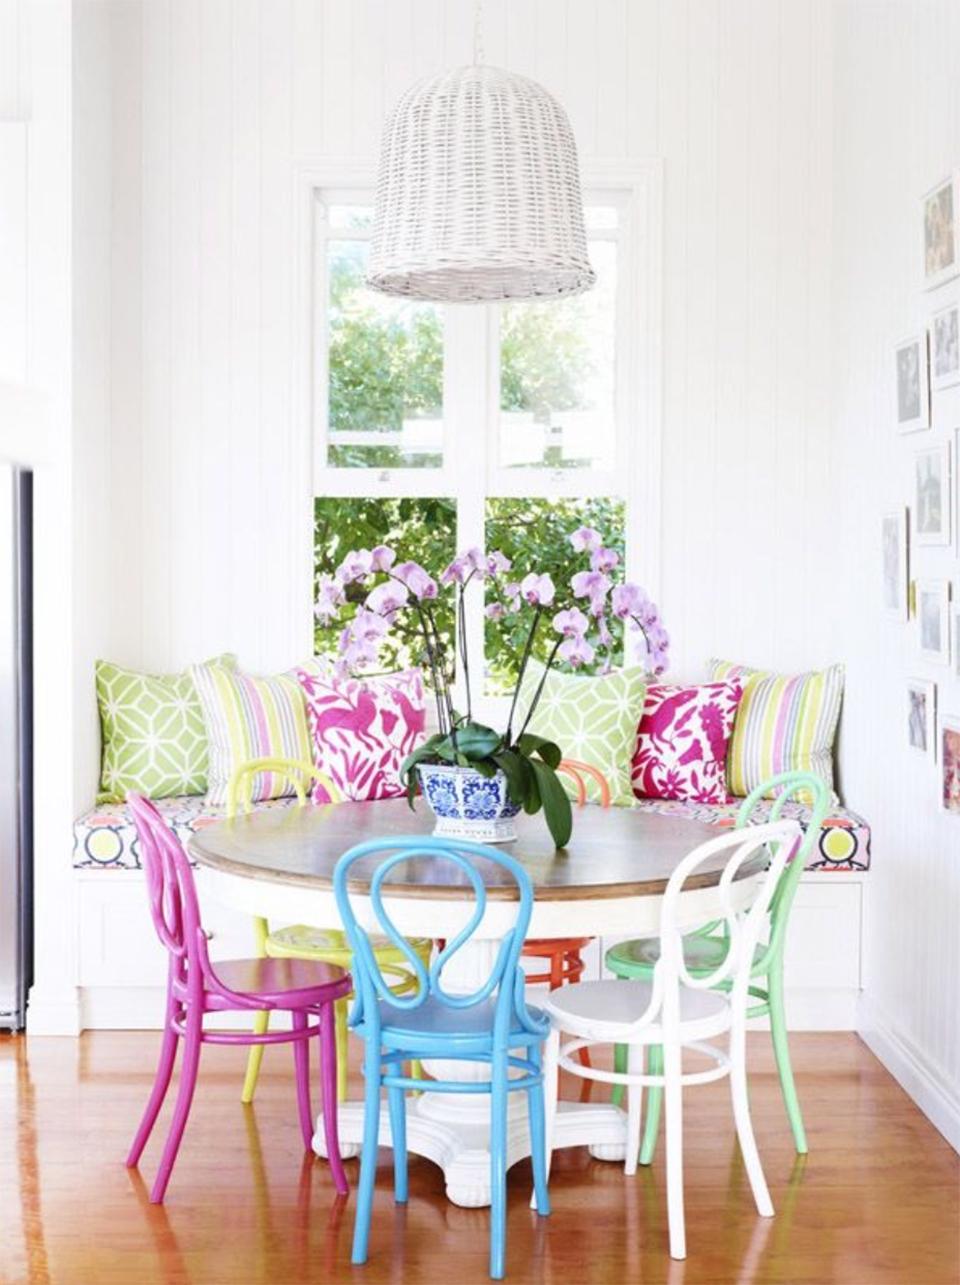 cores-verao-moveis-paredes-casa-decoracao-1